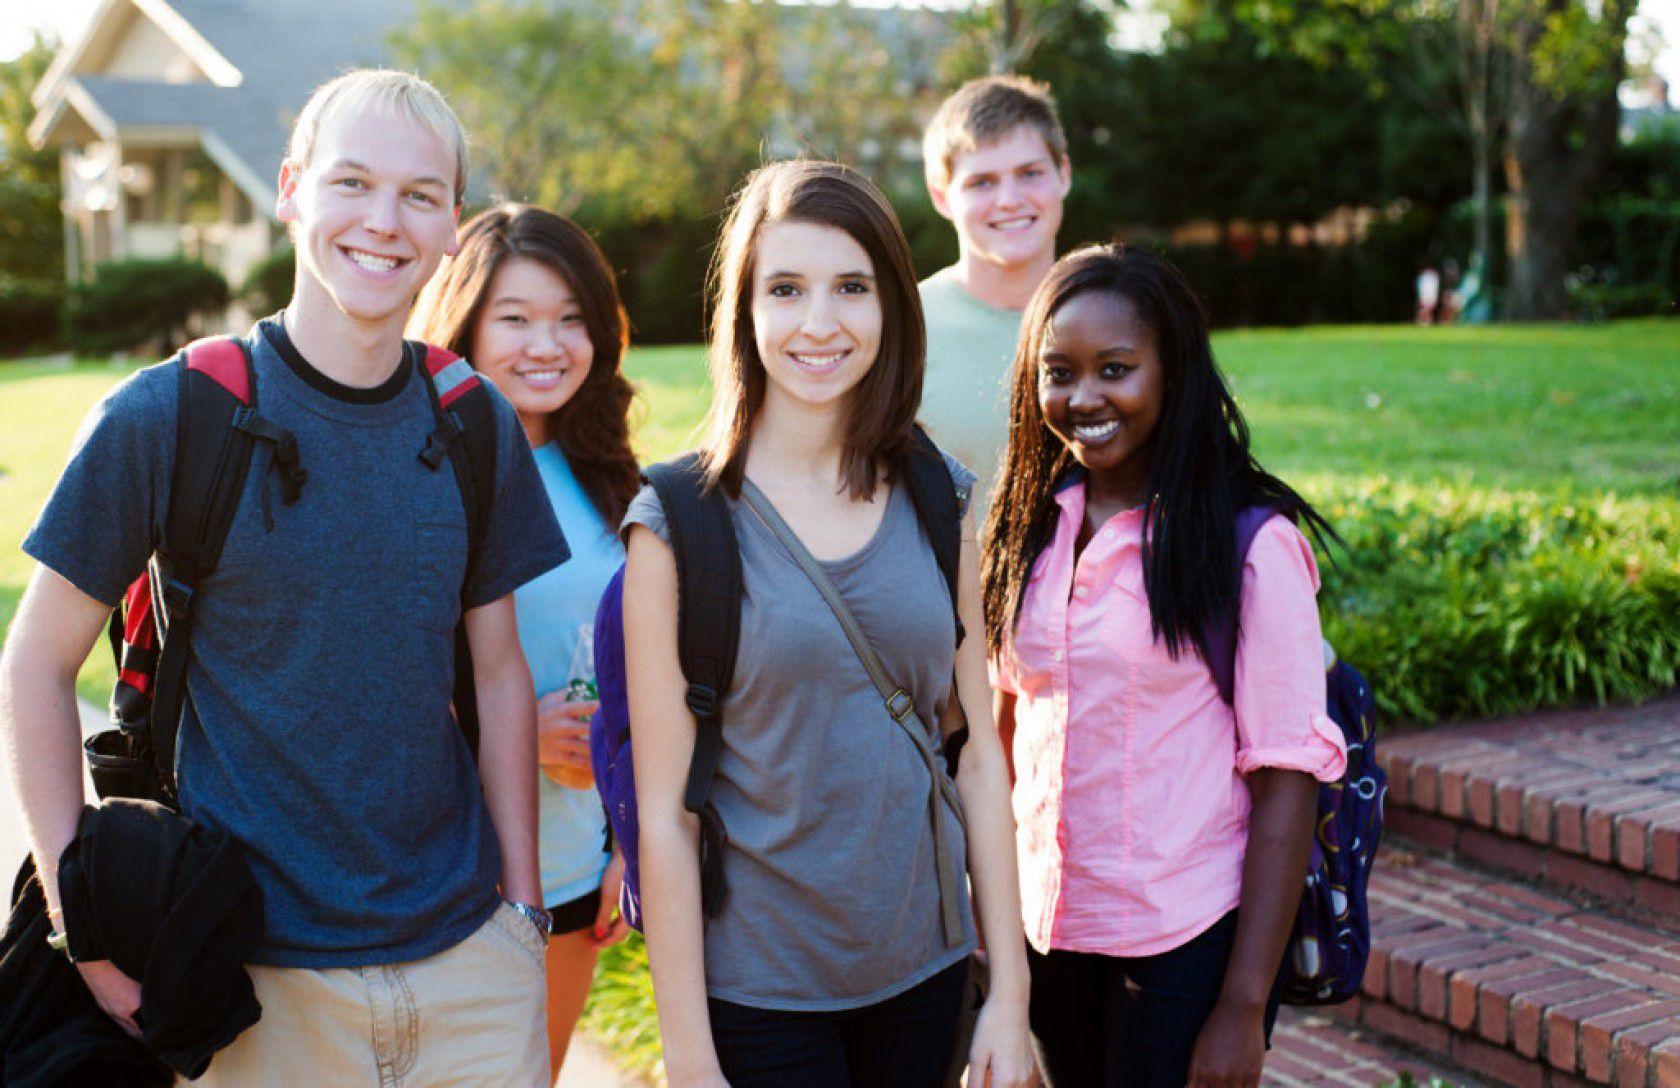 Avustralya'nın en popüler 4 öğrenci şehri